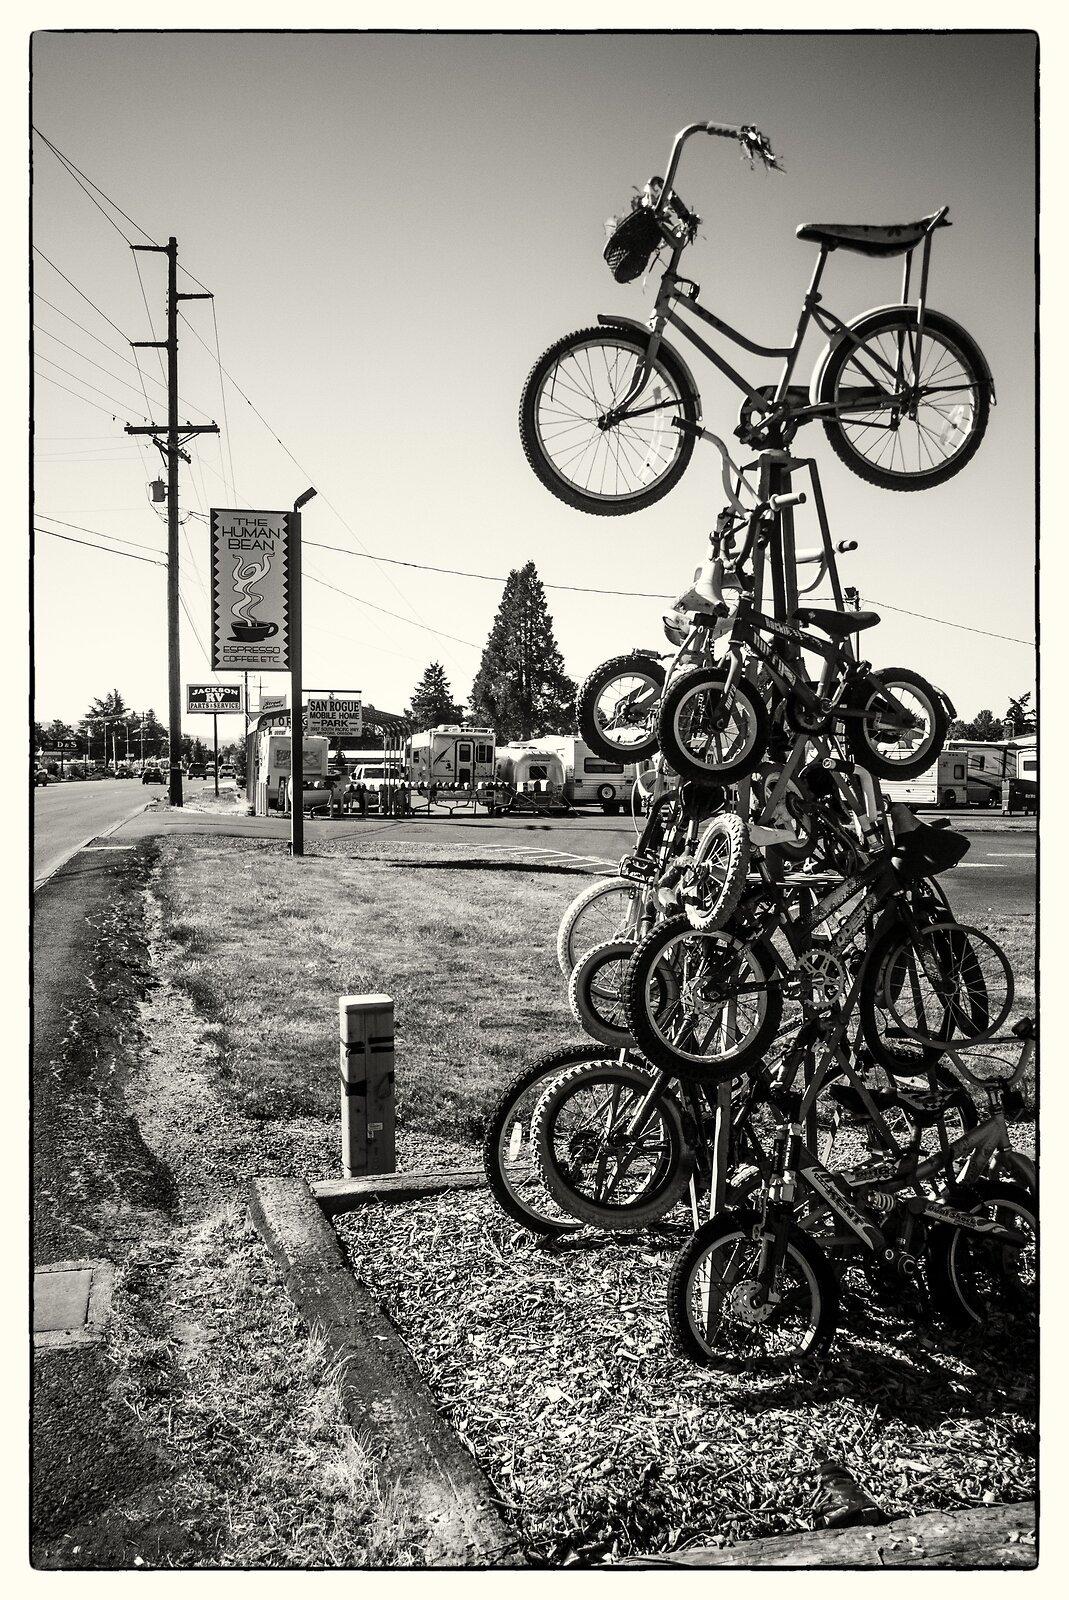 BicycleTree-Acros.jpg